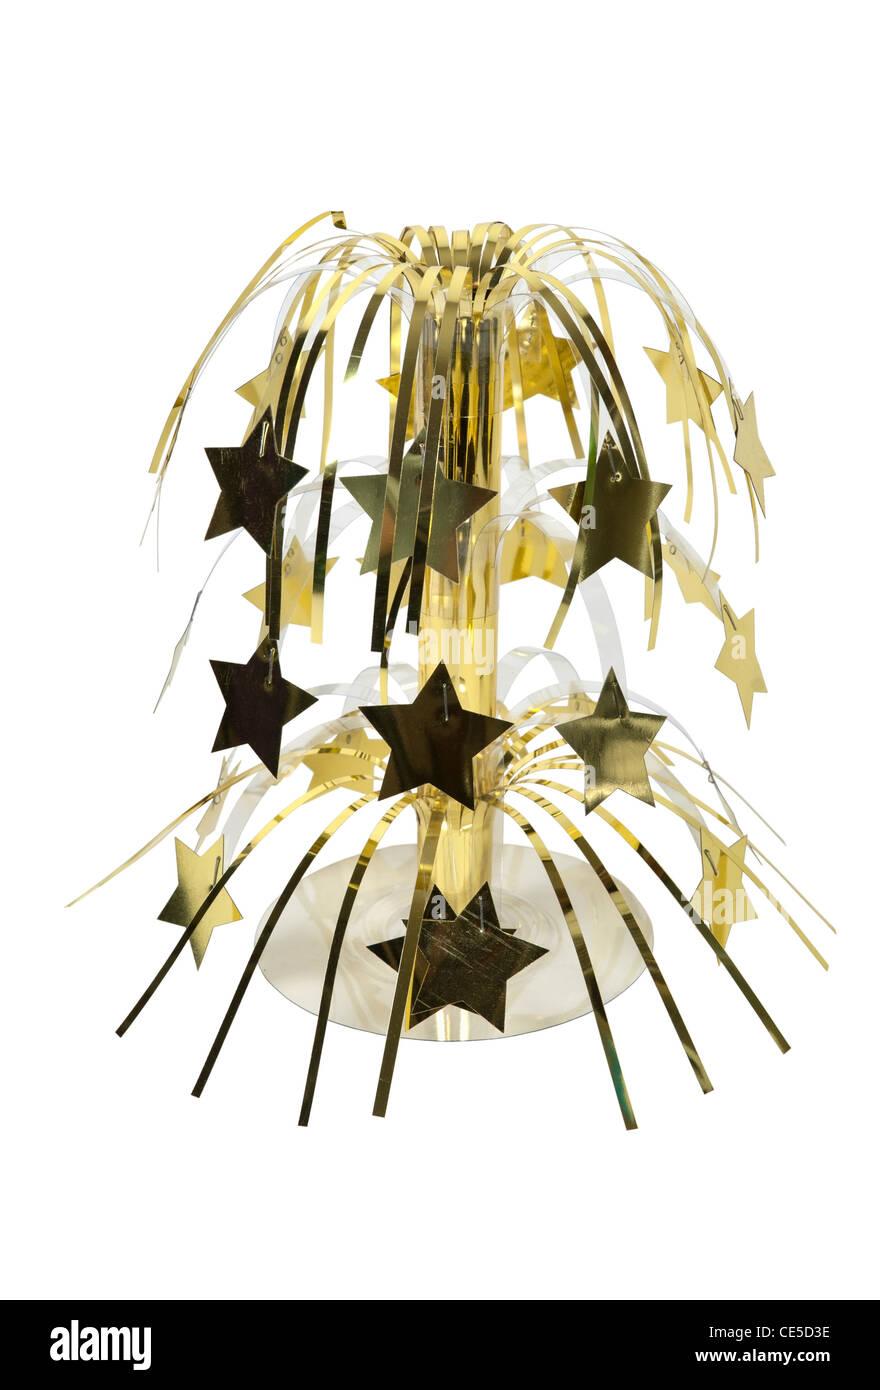 Una dispersione di piccoli decorativo lucenti stelle utilizzate per feste e celebrazioni in una cascata - percorso Immagini Stock